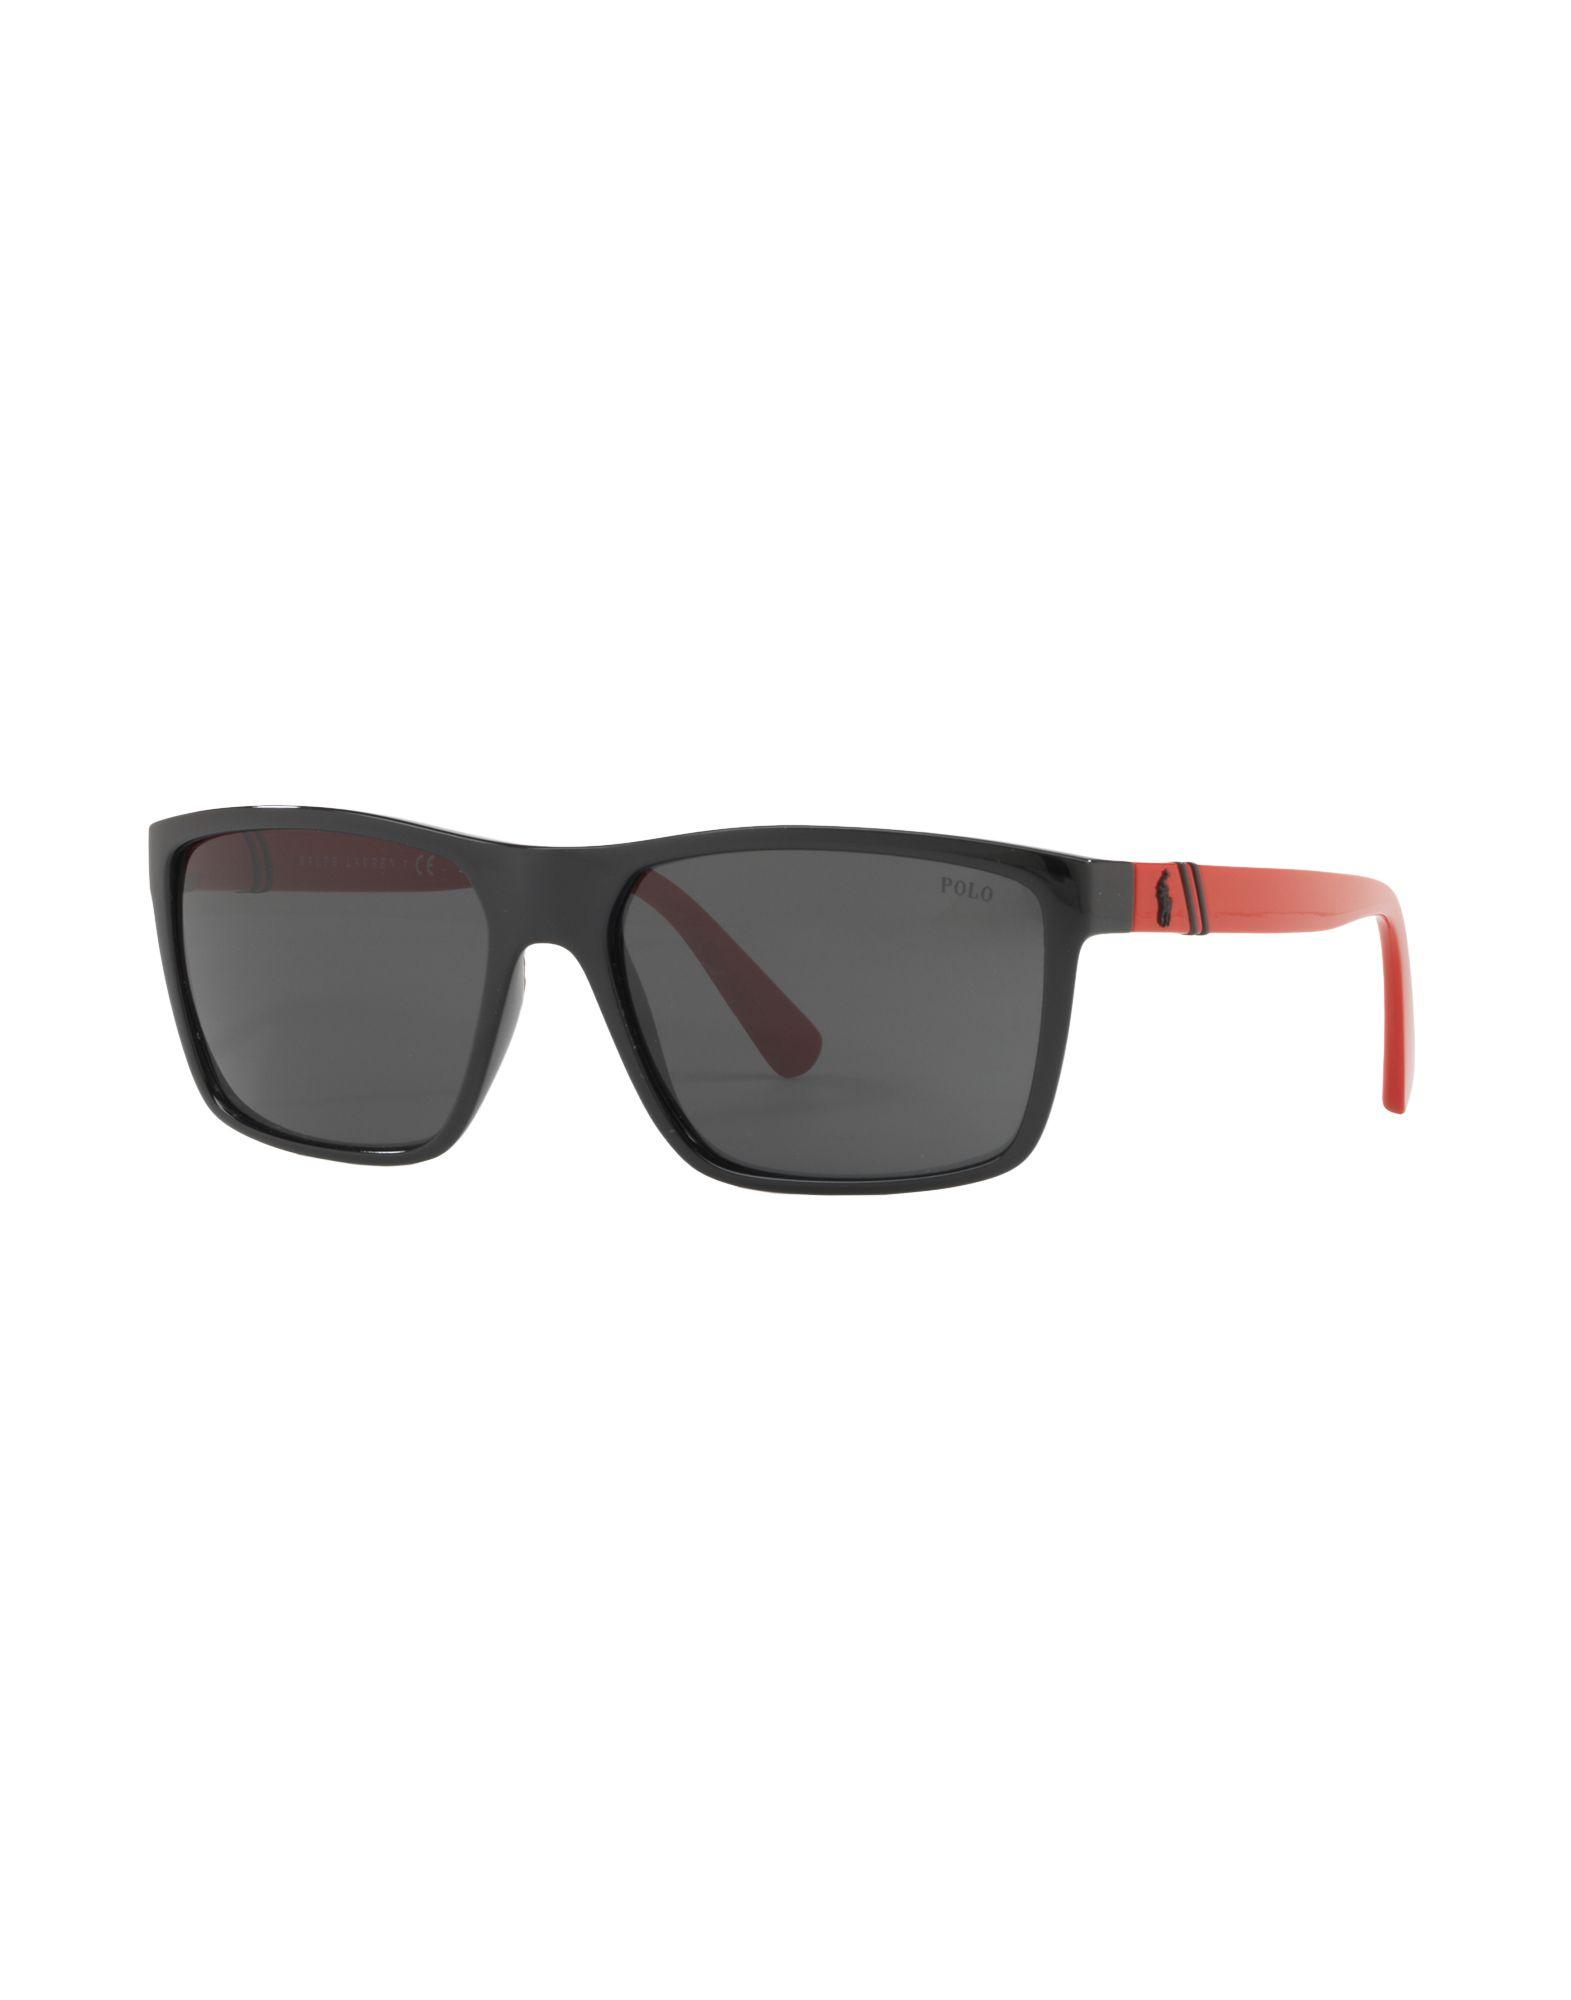 d1af7c4d2a Gafas de sol - Accesorios | Buyviu.com